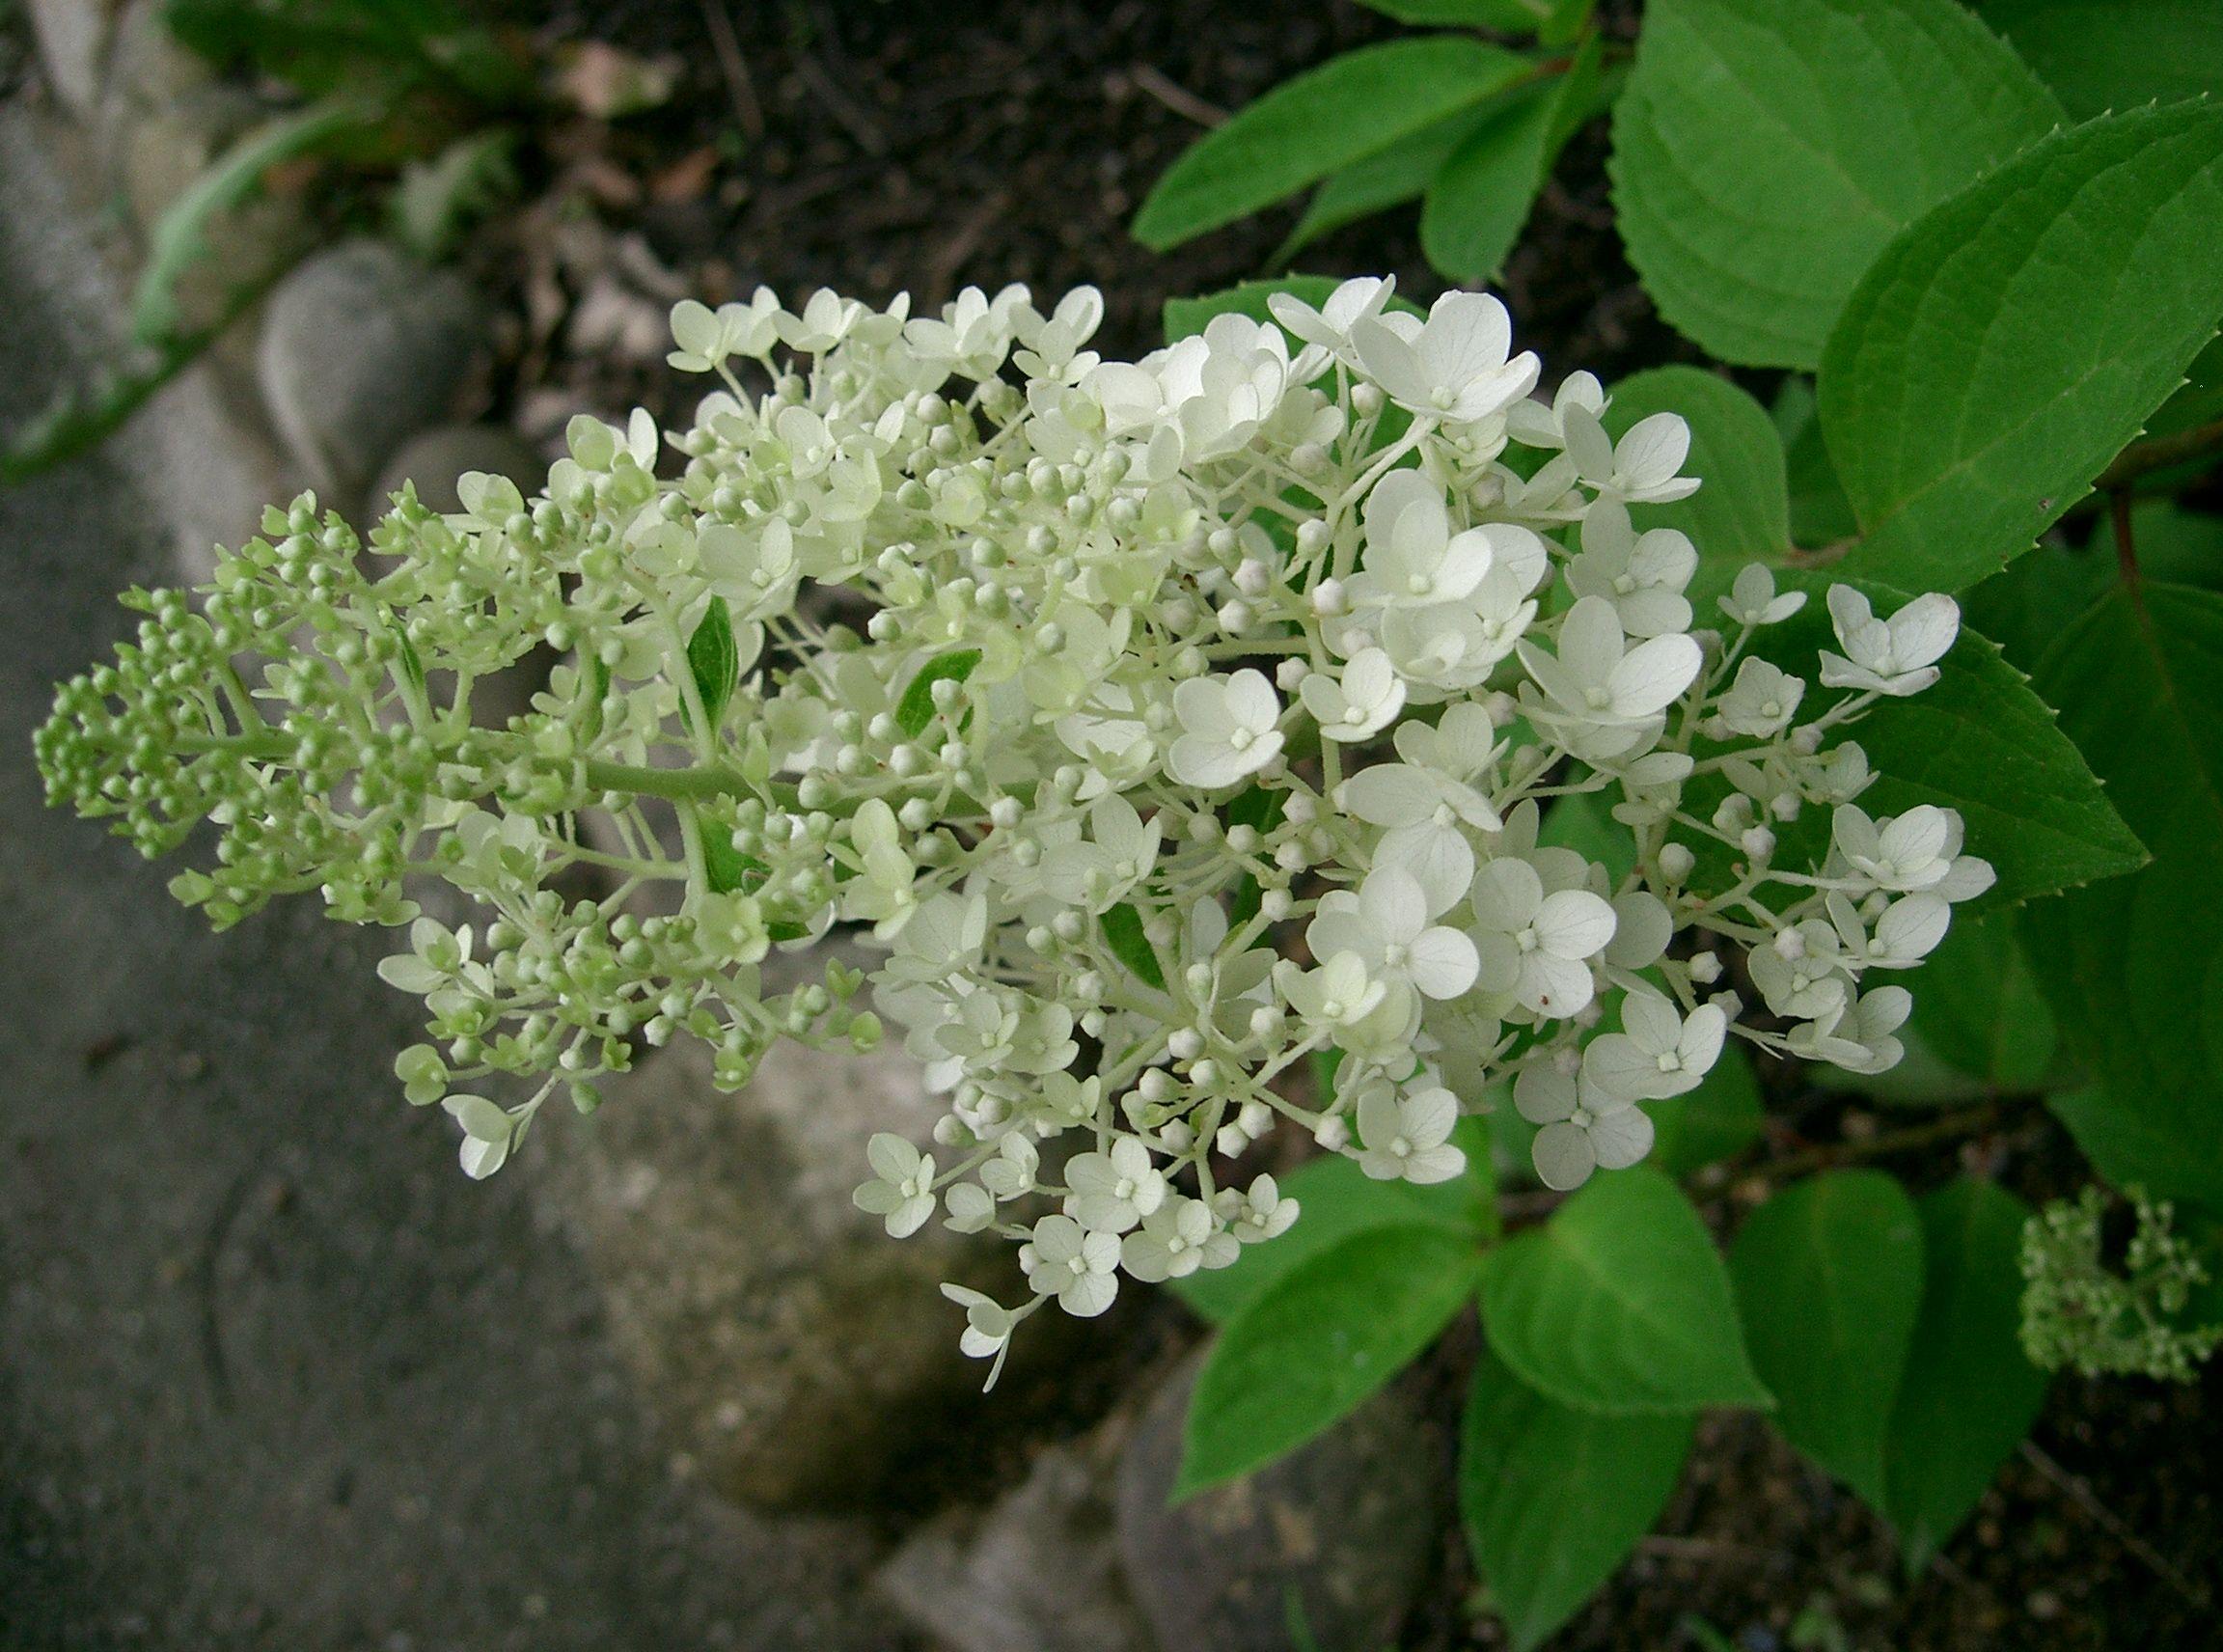 Unique гортензия метельчатая hydrangea paniculata